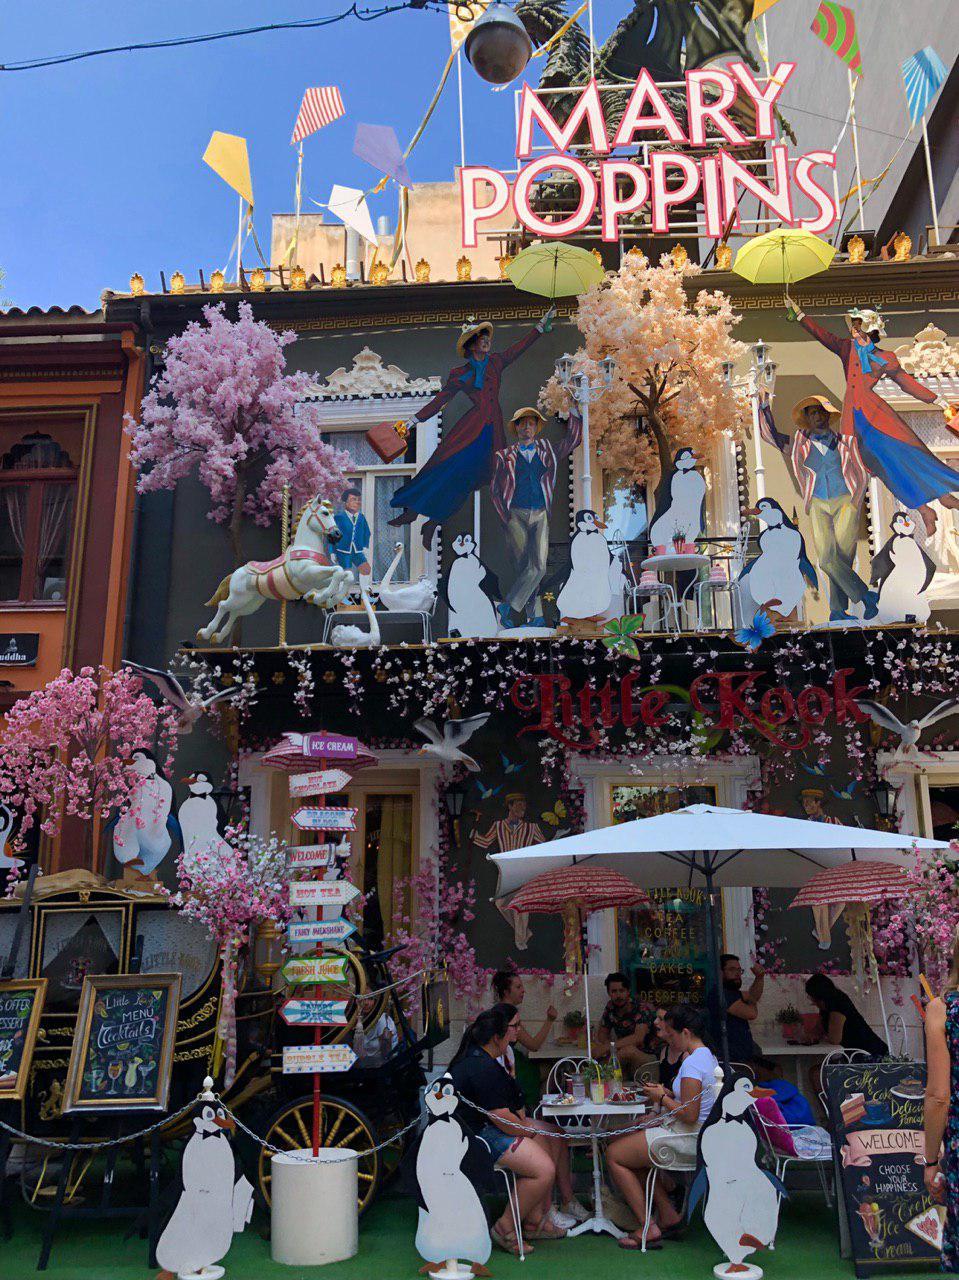 کافه محلی یونان با دکور داستان مشهور mary poppins